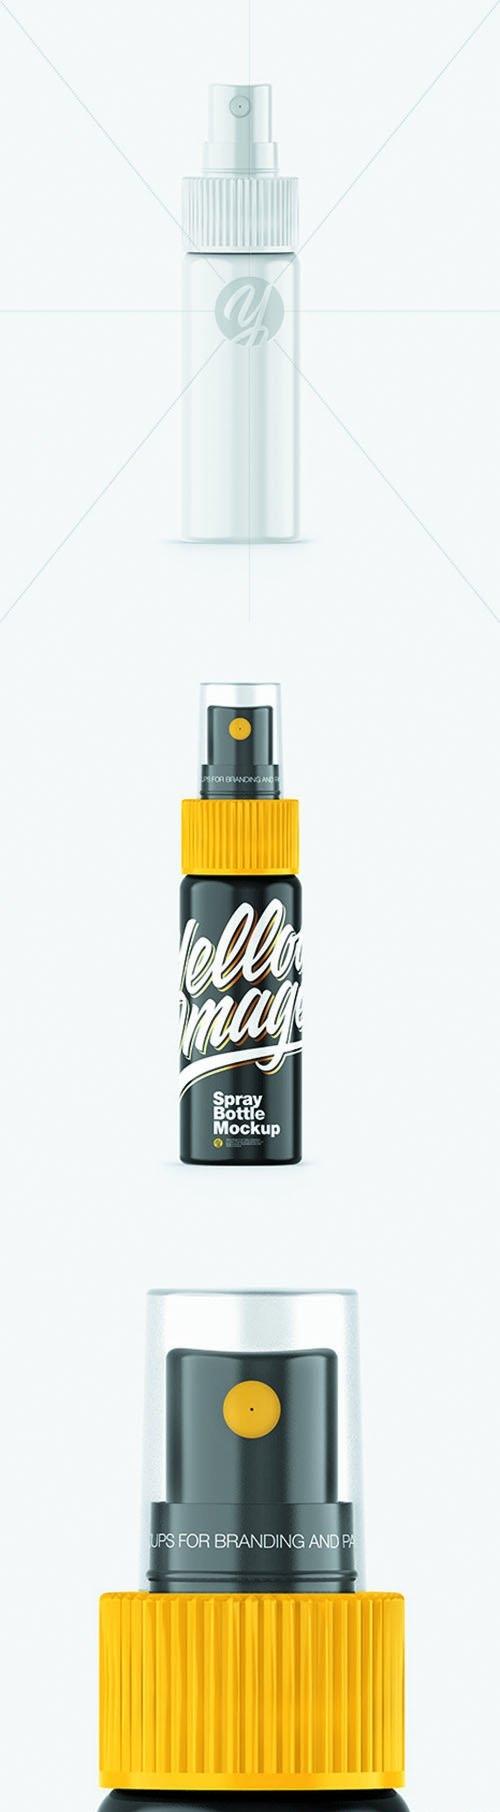 Glossy Spray Bottle Mockup 65917